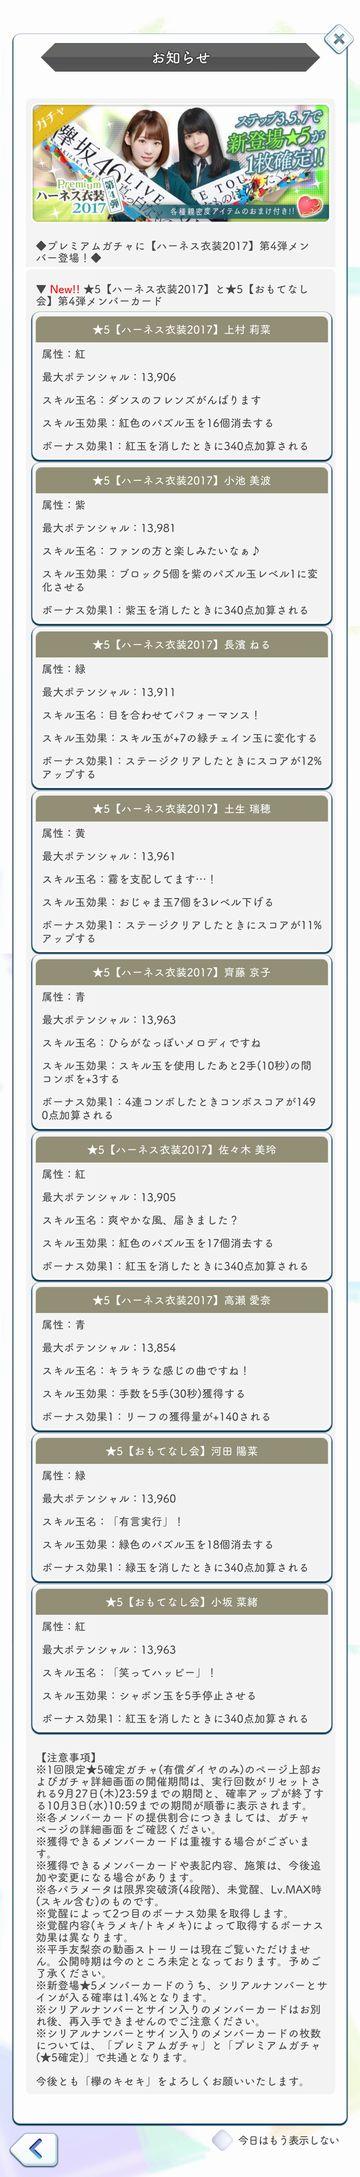 00 ハーネス衣装2017(4) ガチャ詳細